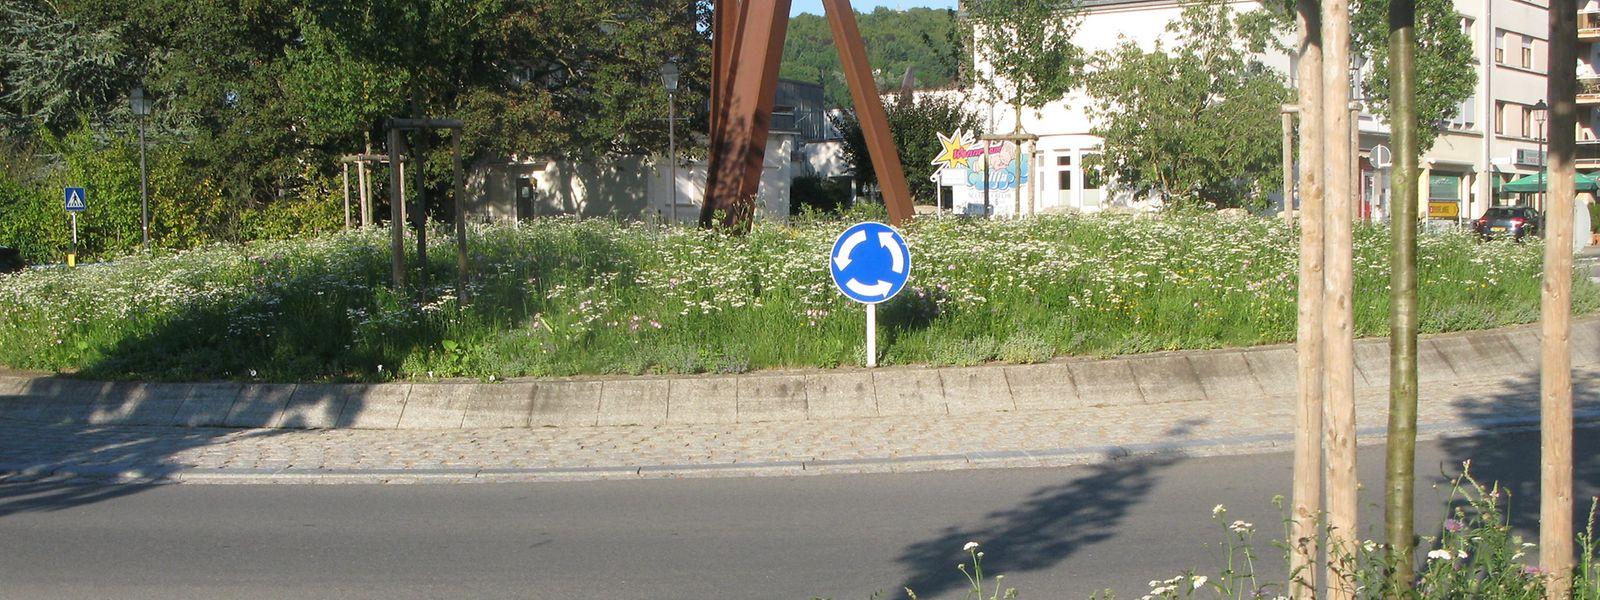 Ein Blumenmeer in der Ortsmitte: Dieses Bild bot der Kreisverkehr in Kayl im August.